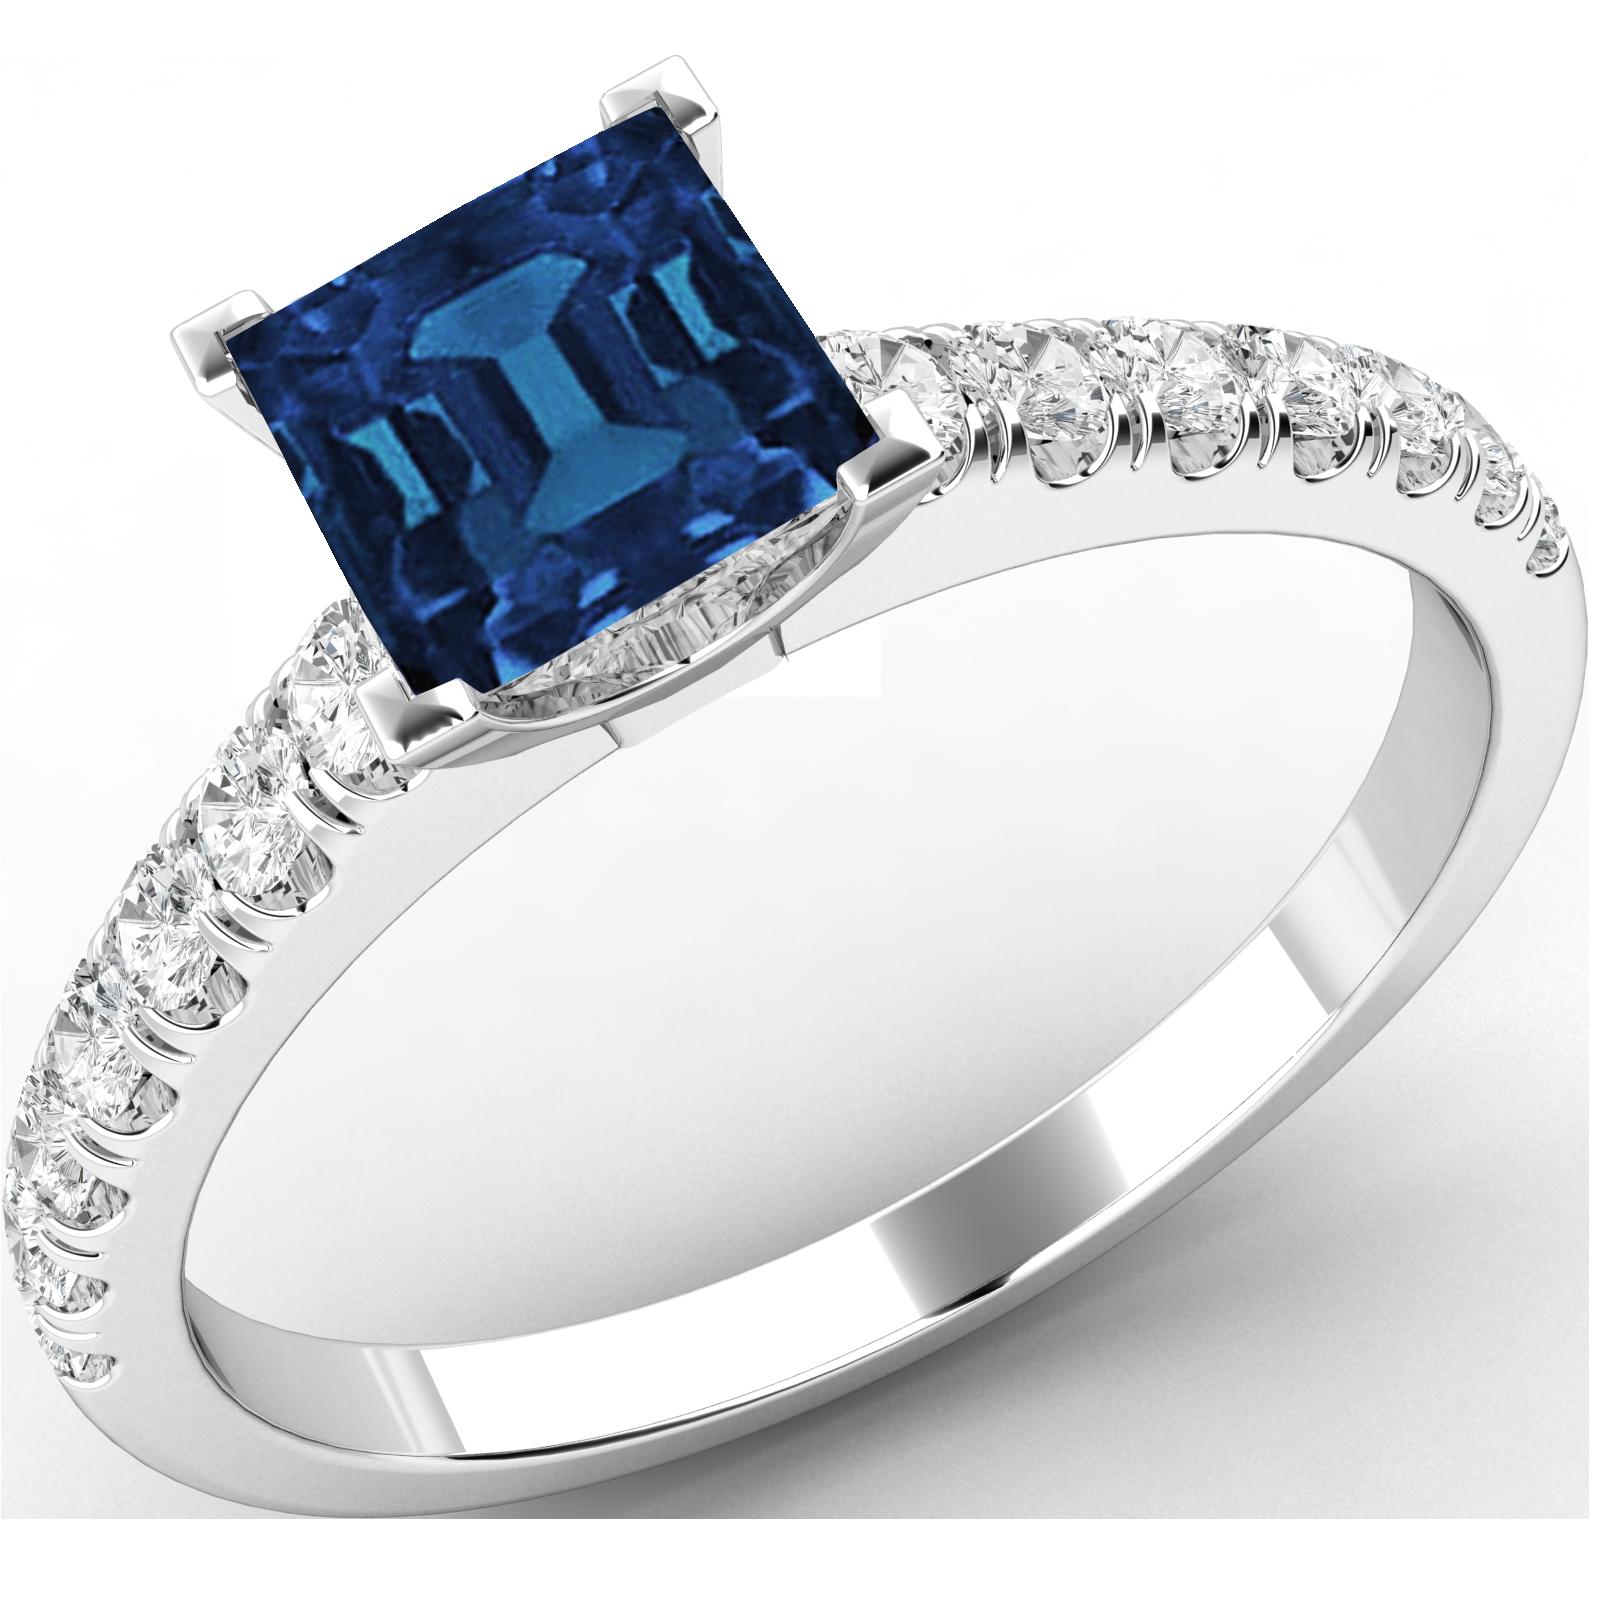 RDS606W-Inel Solitaire cu Safir si Diamante Mici pe Lateral Dama Aur Alb 18kt cu un Safir Princess si 7 Diamante Rotund Briliant toate Setate cu Gheare-img1